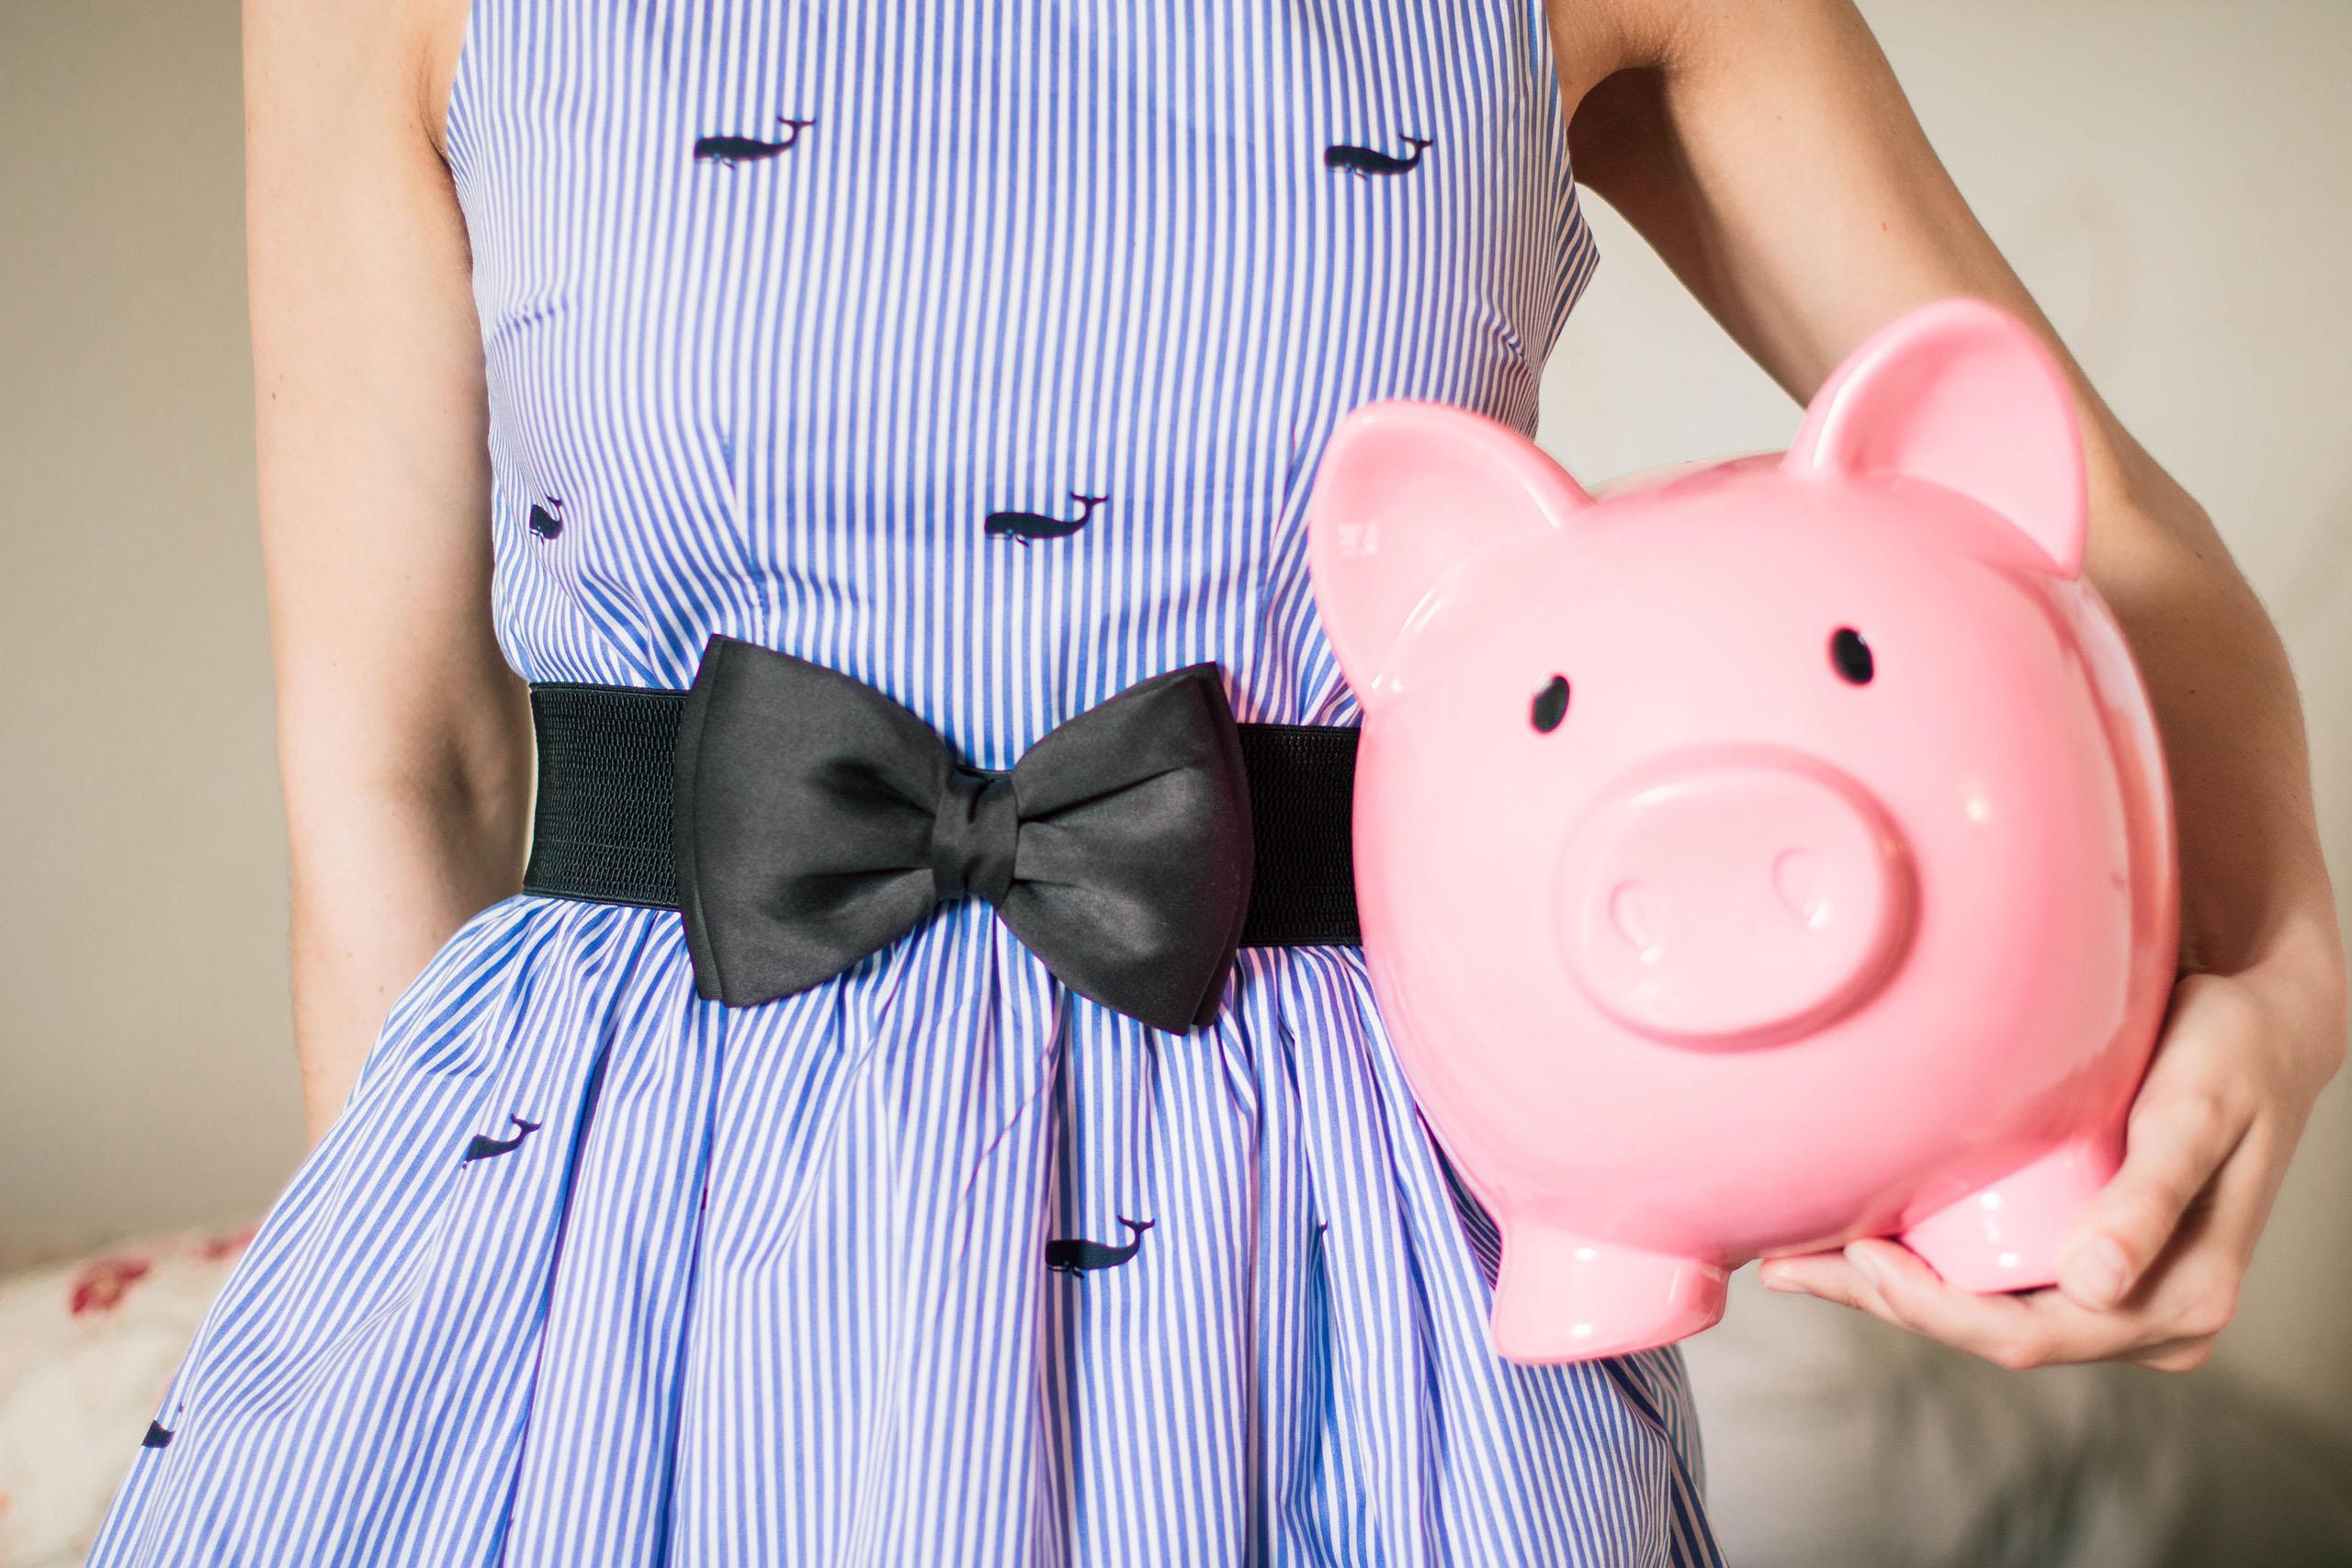 Rodinný kRok O troch grošoch alebo ako učiť deti finančnej gramotnosti